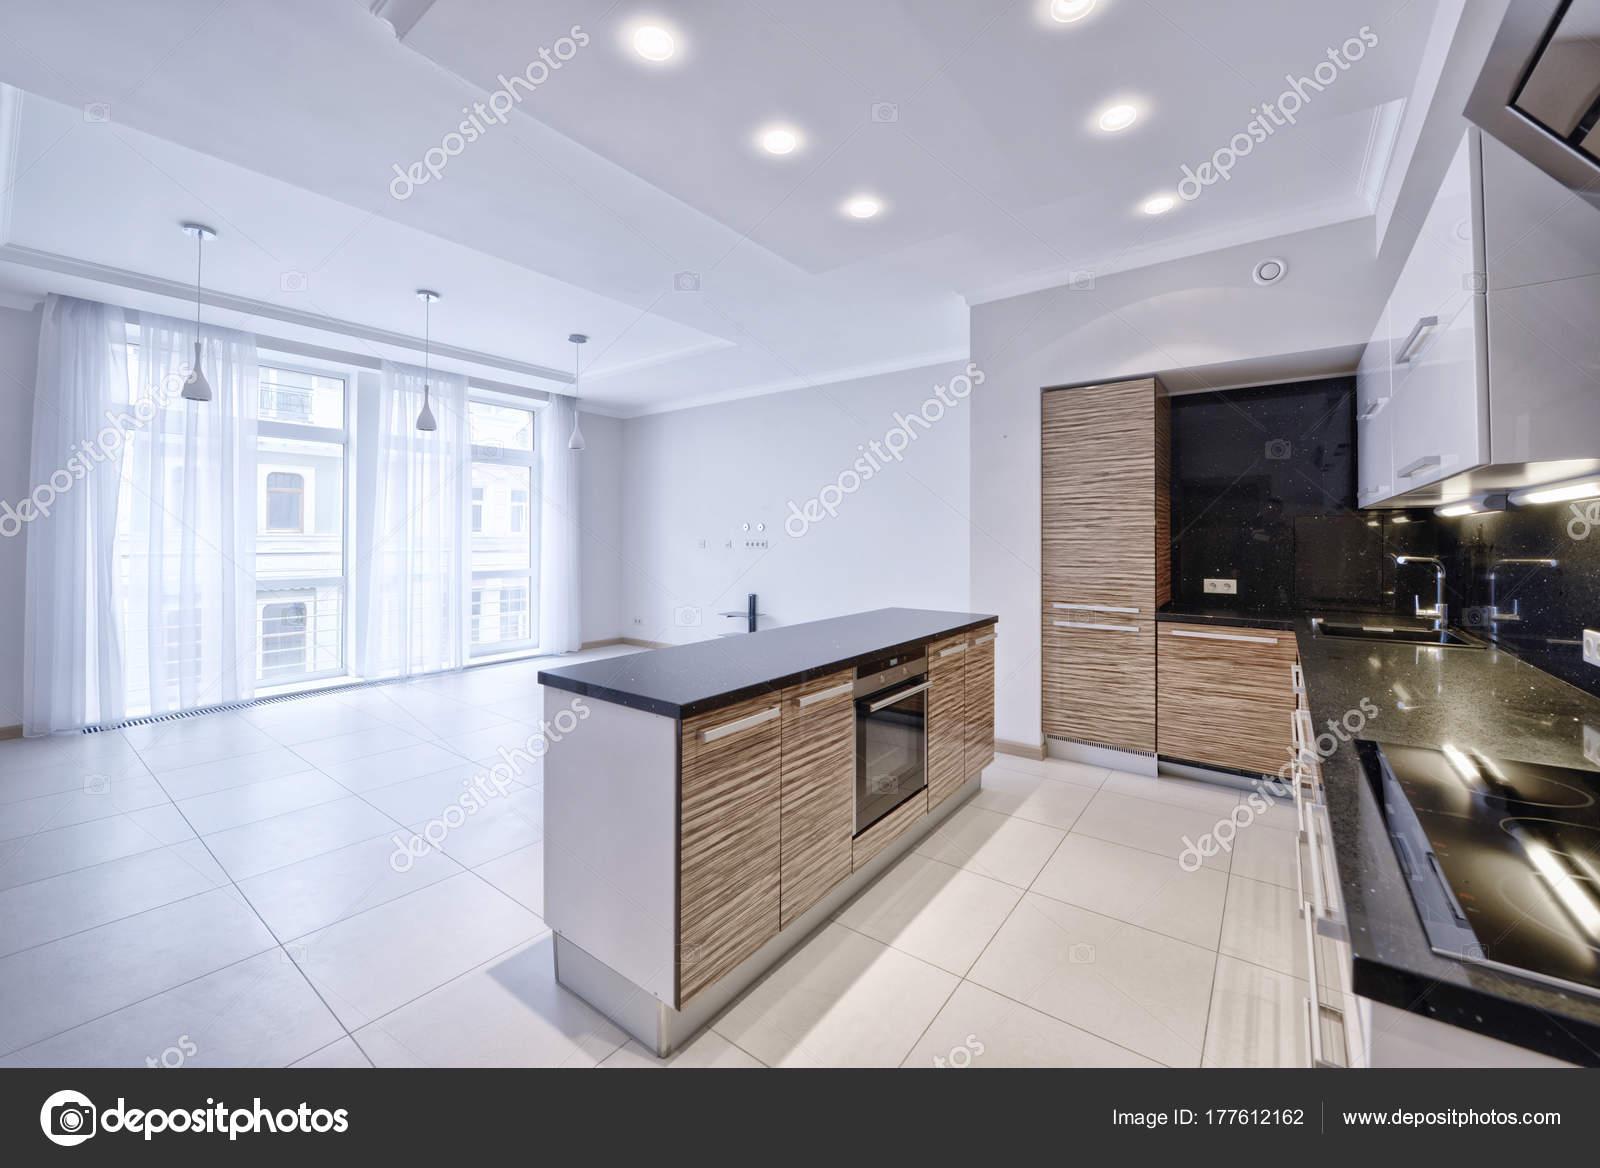 Delightful Interior Design Moderne Küche Neuen Haus U2014 Stockfoto